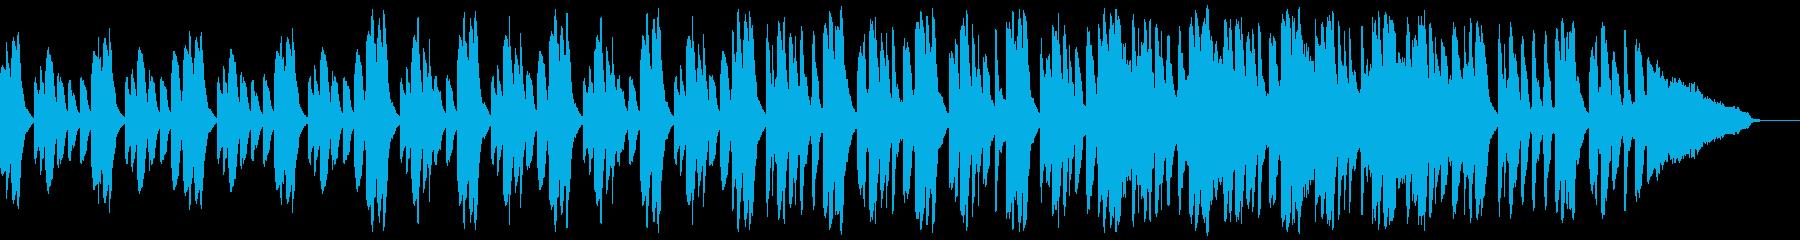 探偵が現場で考察する場面に合う不思議系曲の再生済みの波形